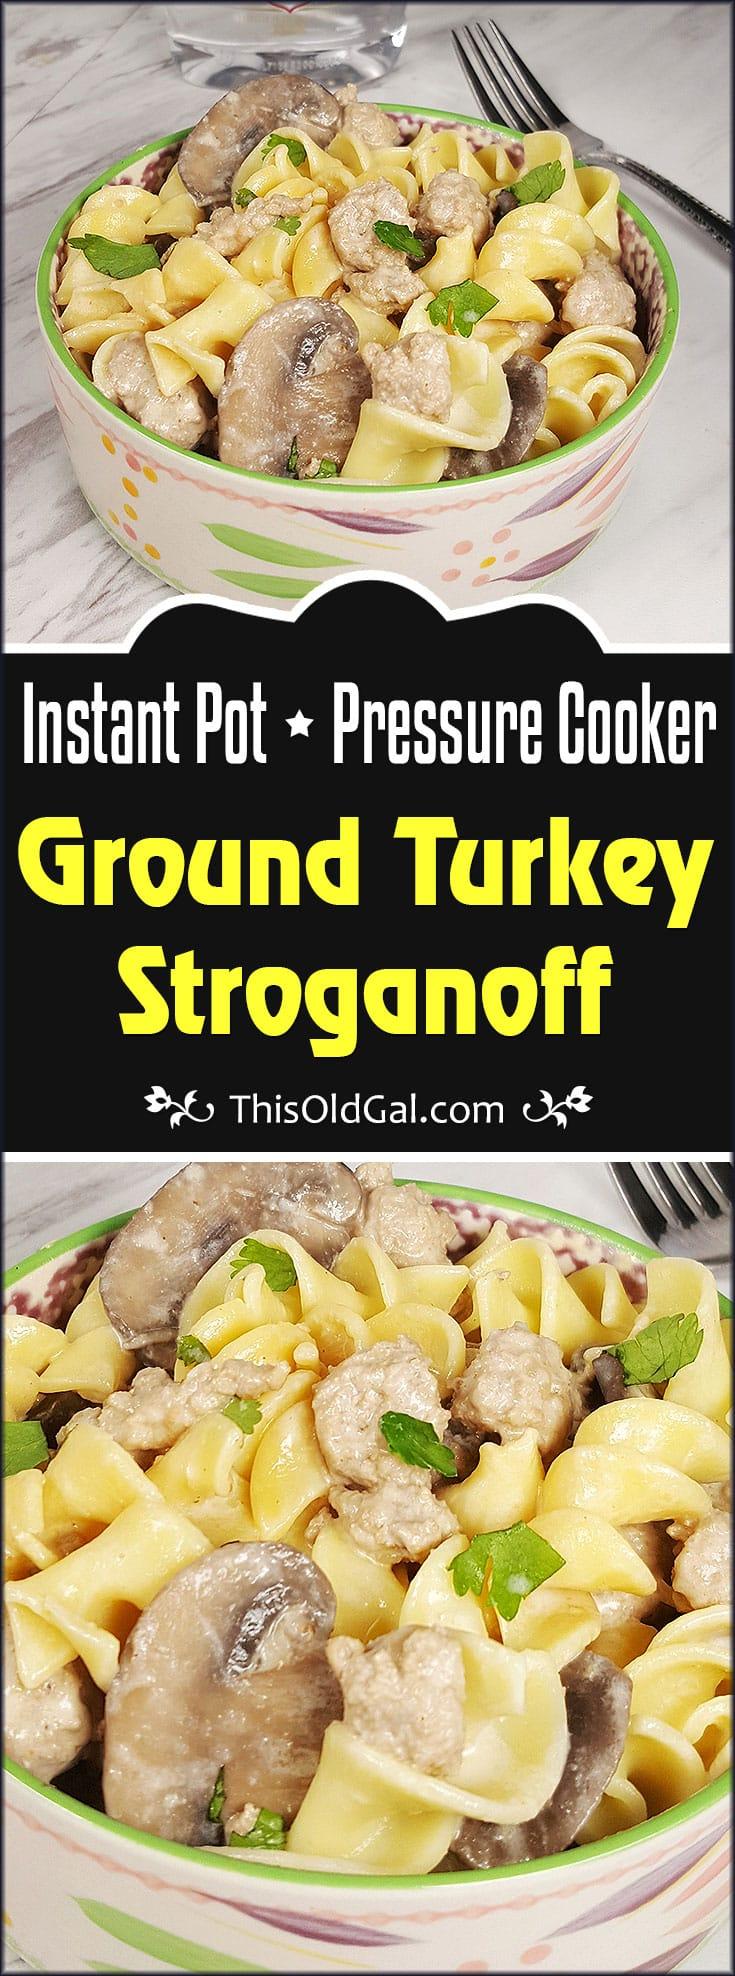 Pressure Cooker Ground Turkey Stroganoff